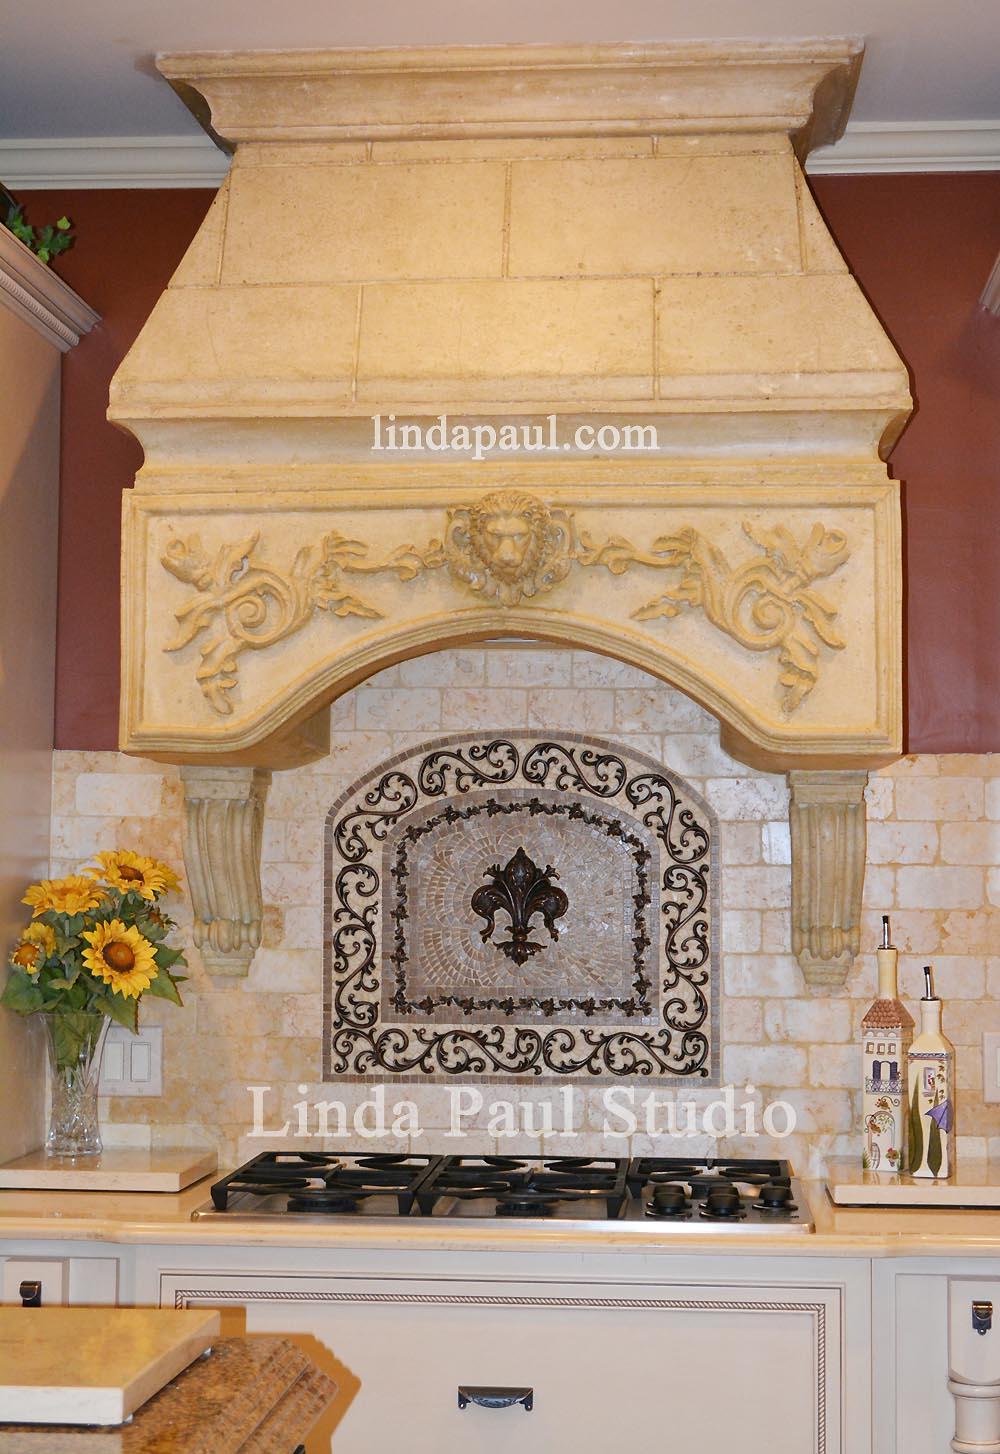 designer kitchen with celeste fleur de lis mosaic tile medallion CP AP S4 S5 Linda Paul Studio